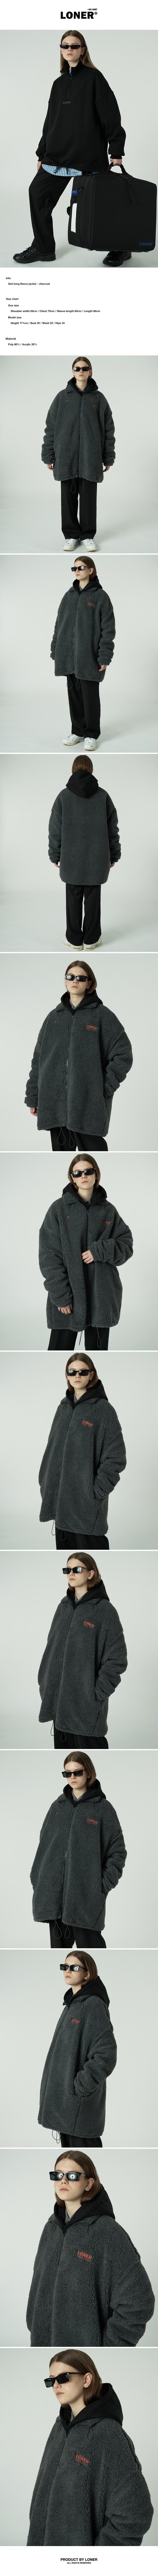 Gmt long fleece jacket-charcoal.jpg